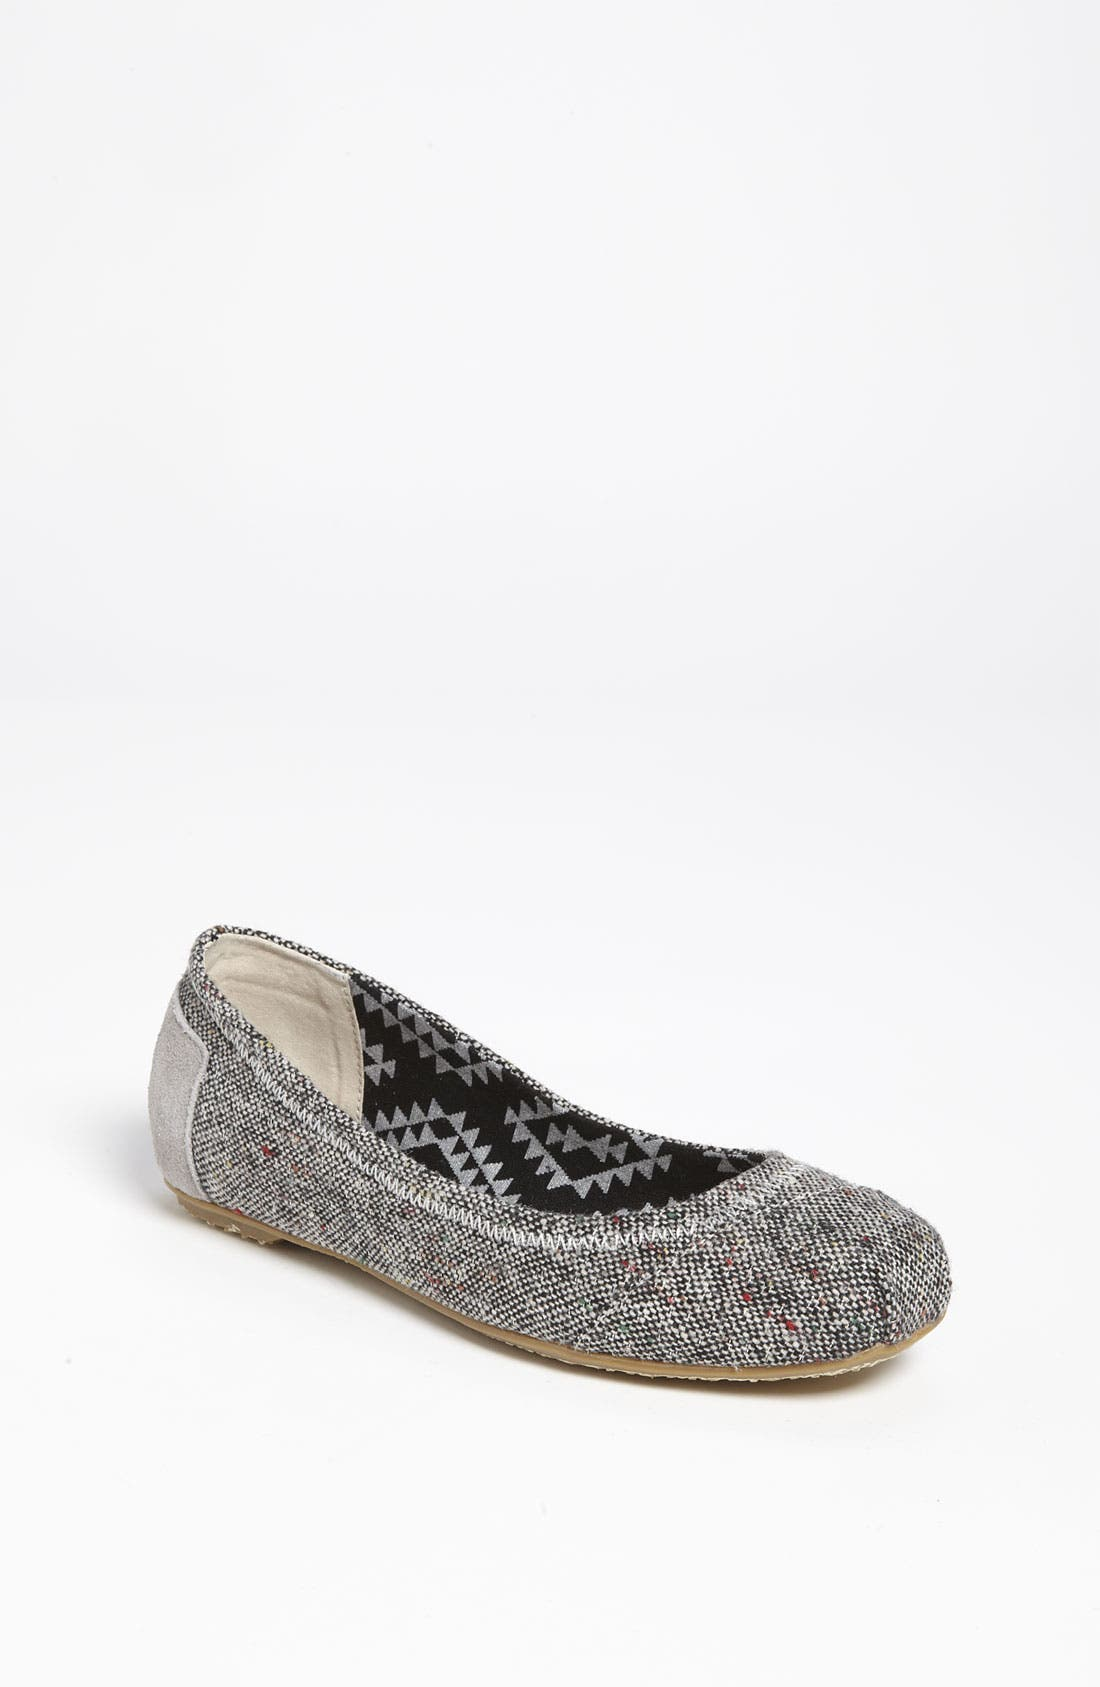 Main Image - TOMS 'Tweed Lurex®' Ballet Flat